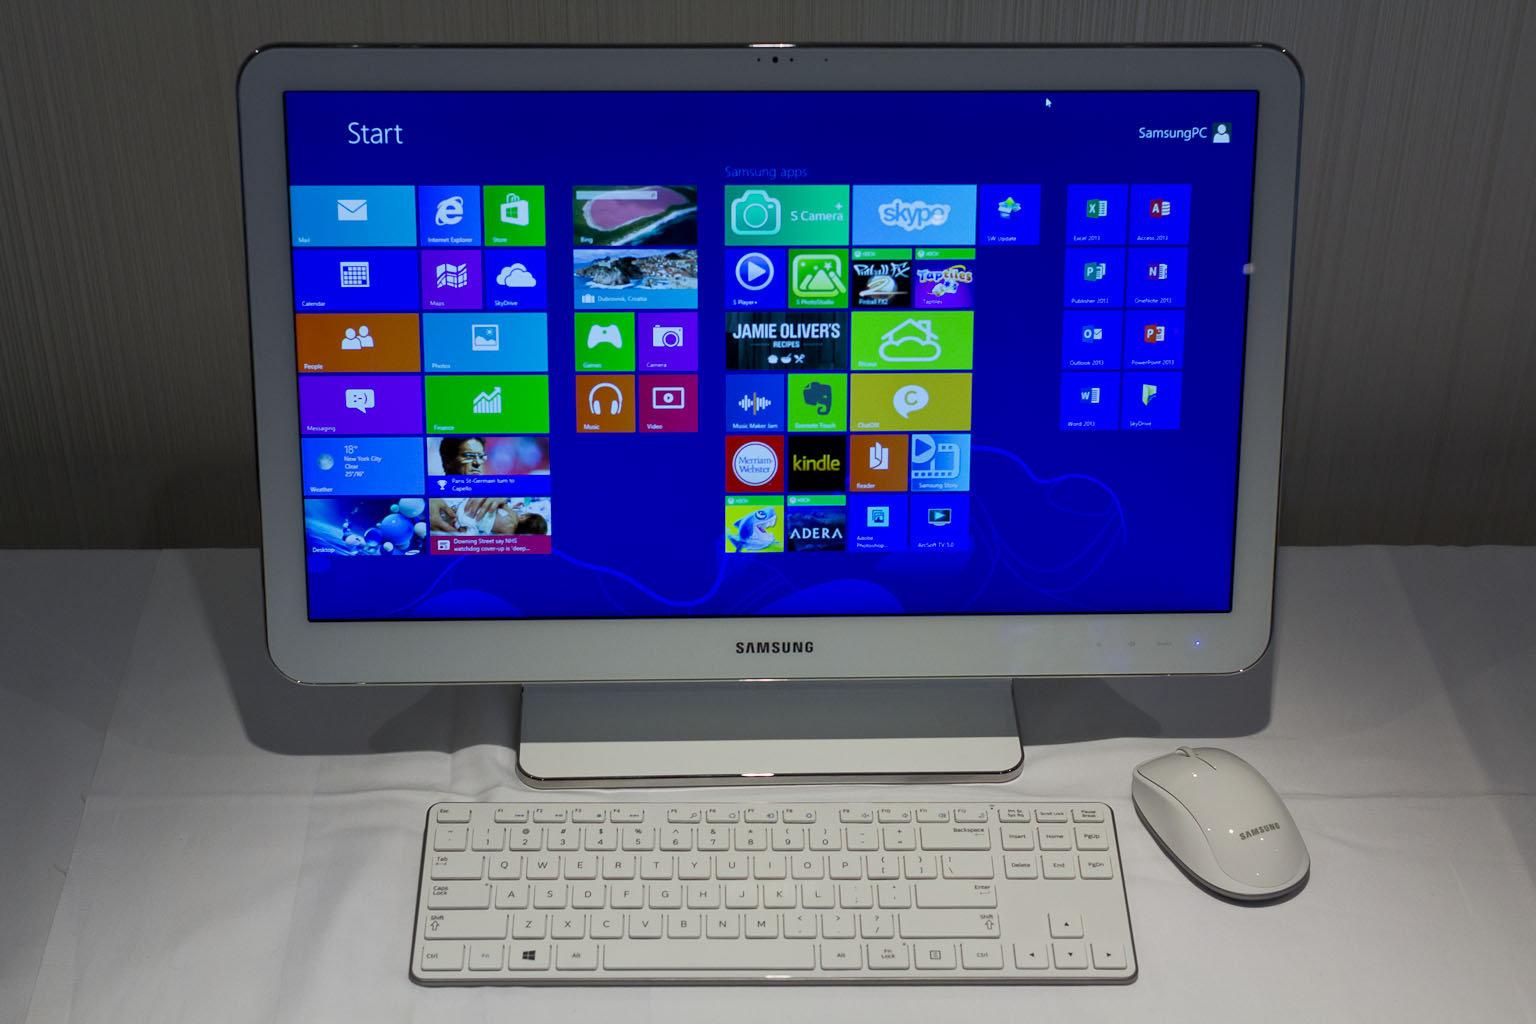 Samsung ATIV One 5 Stylus Hadir dengan Performa Lebih Baik_2